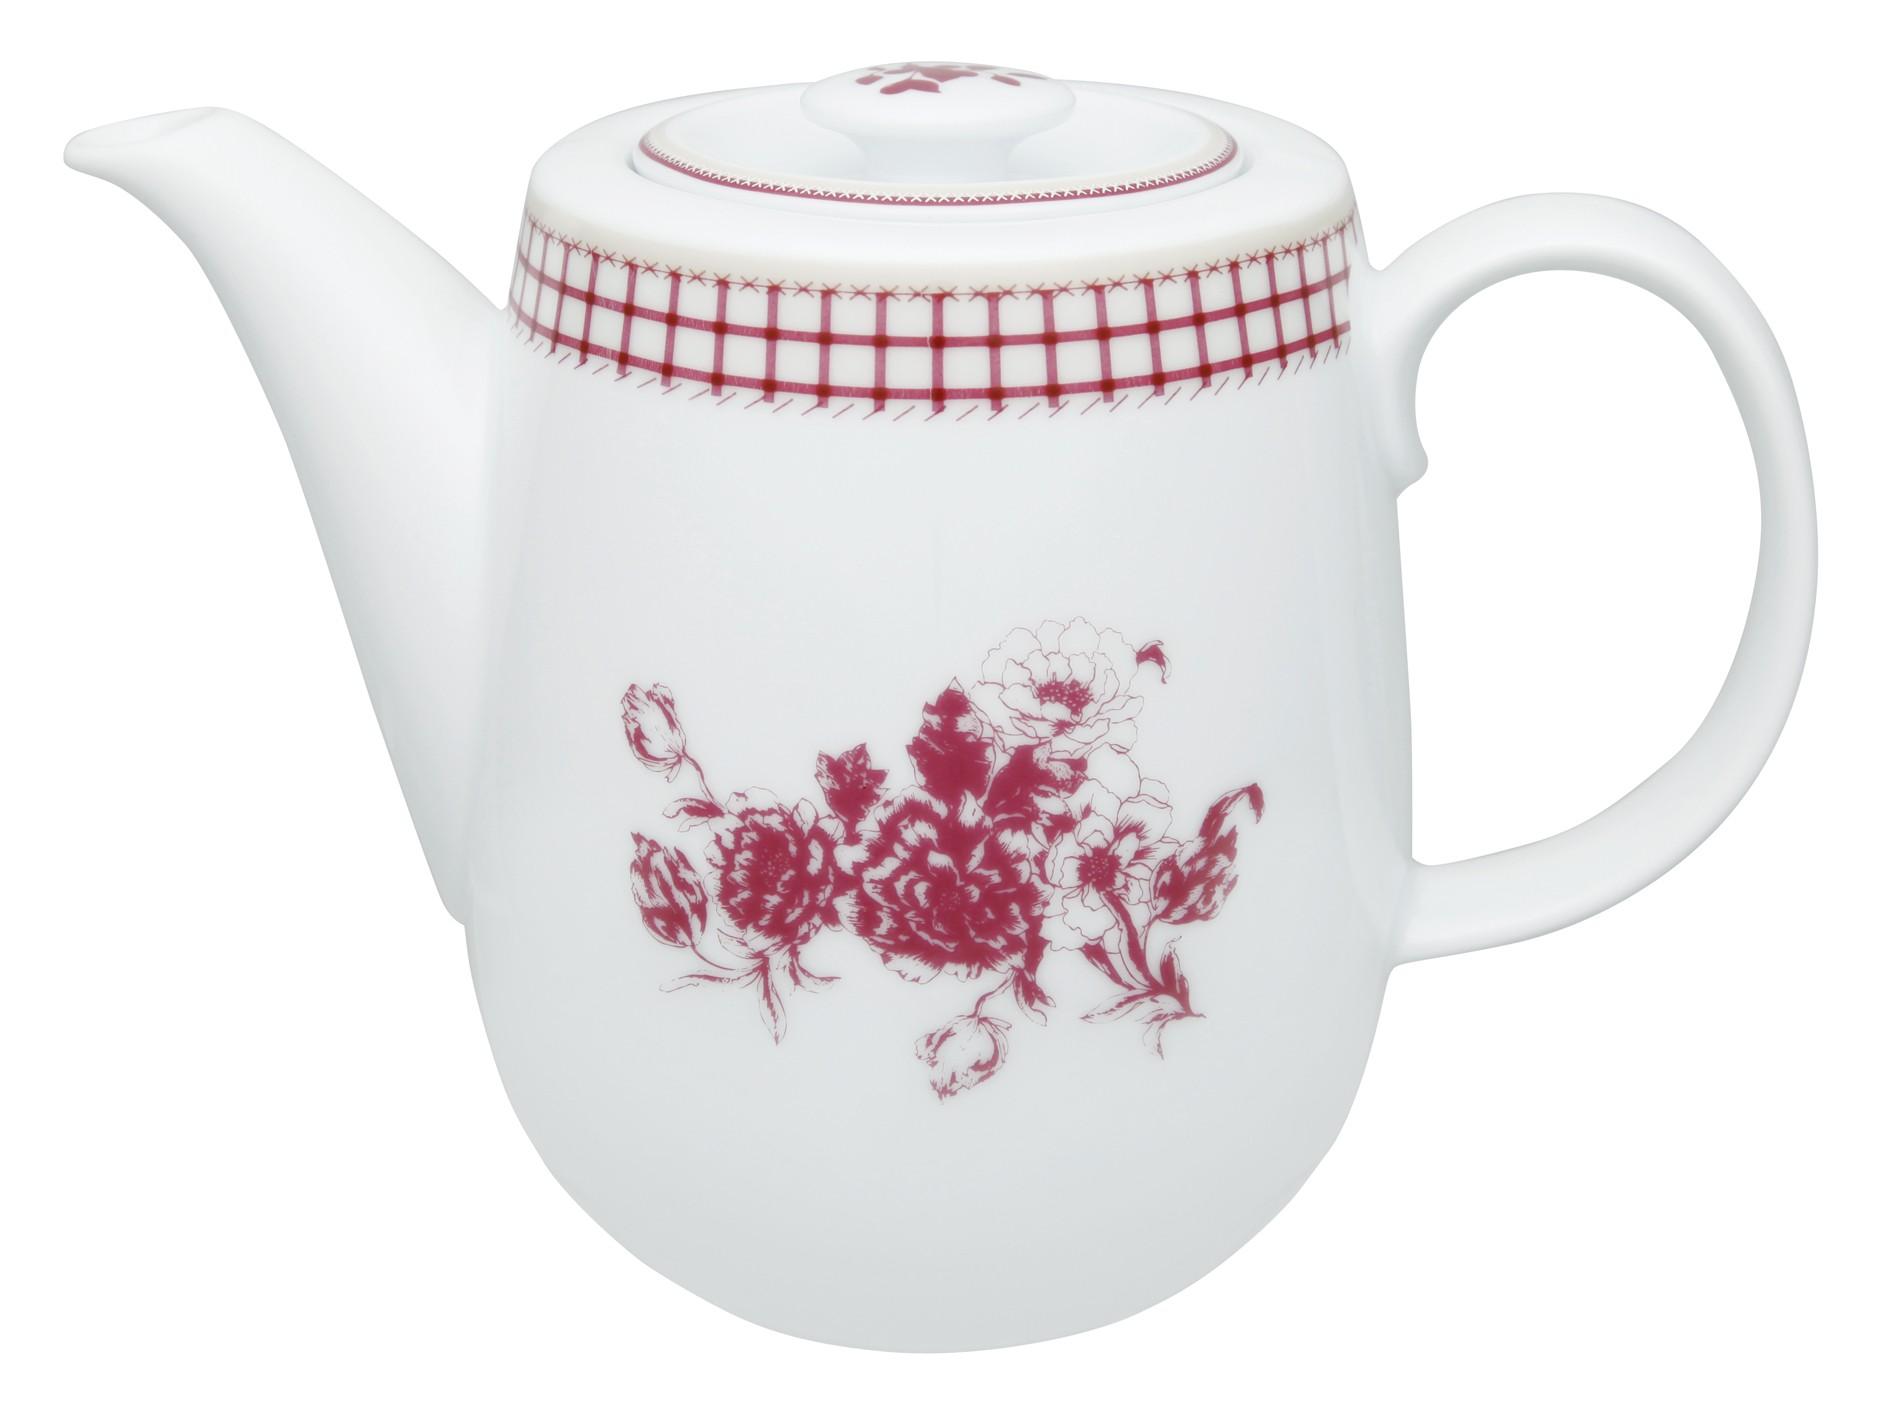 Τσαγιέρα Πορσελάνης Εξοχή Ionia 1,1lt home   ειδη cafe τσαϊ   τσαγιέρες